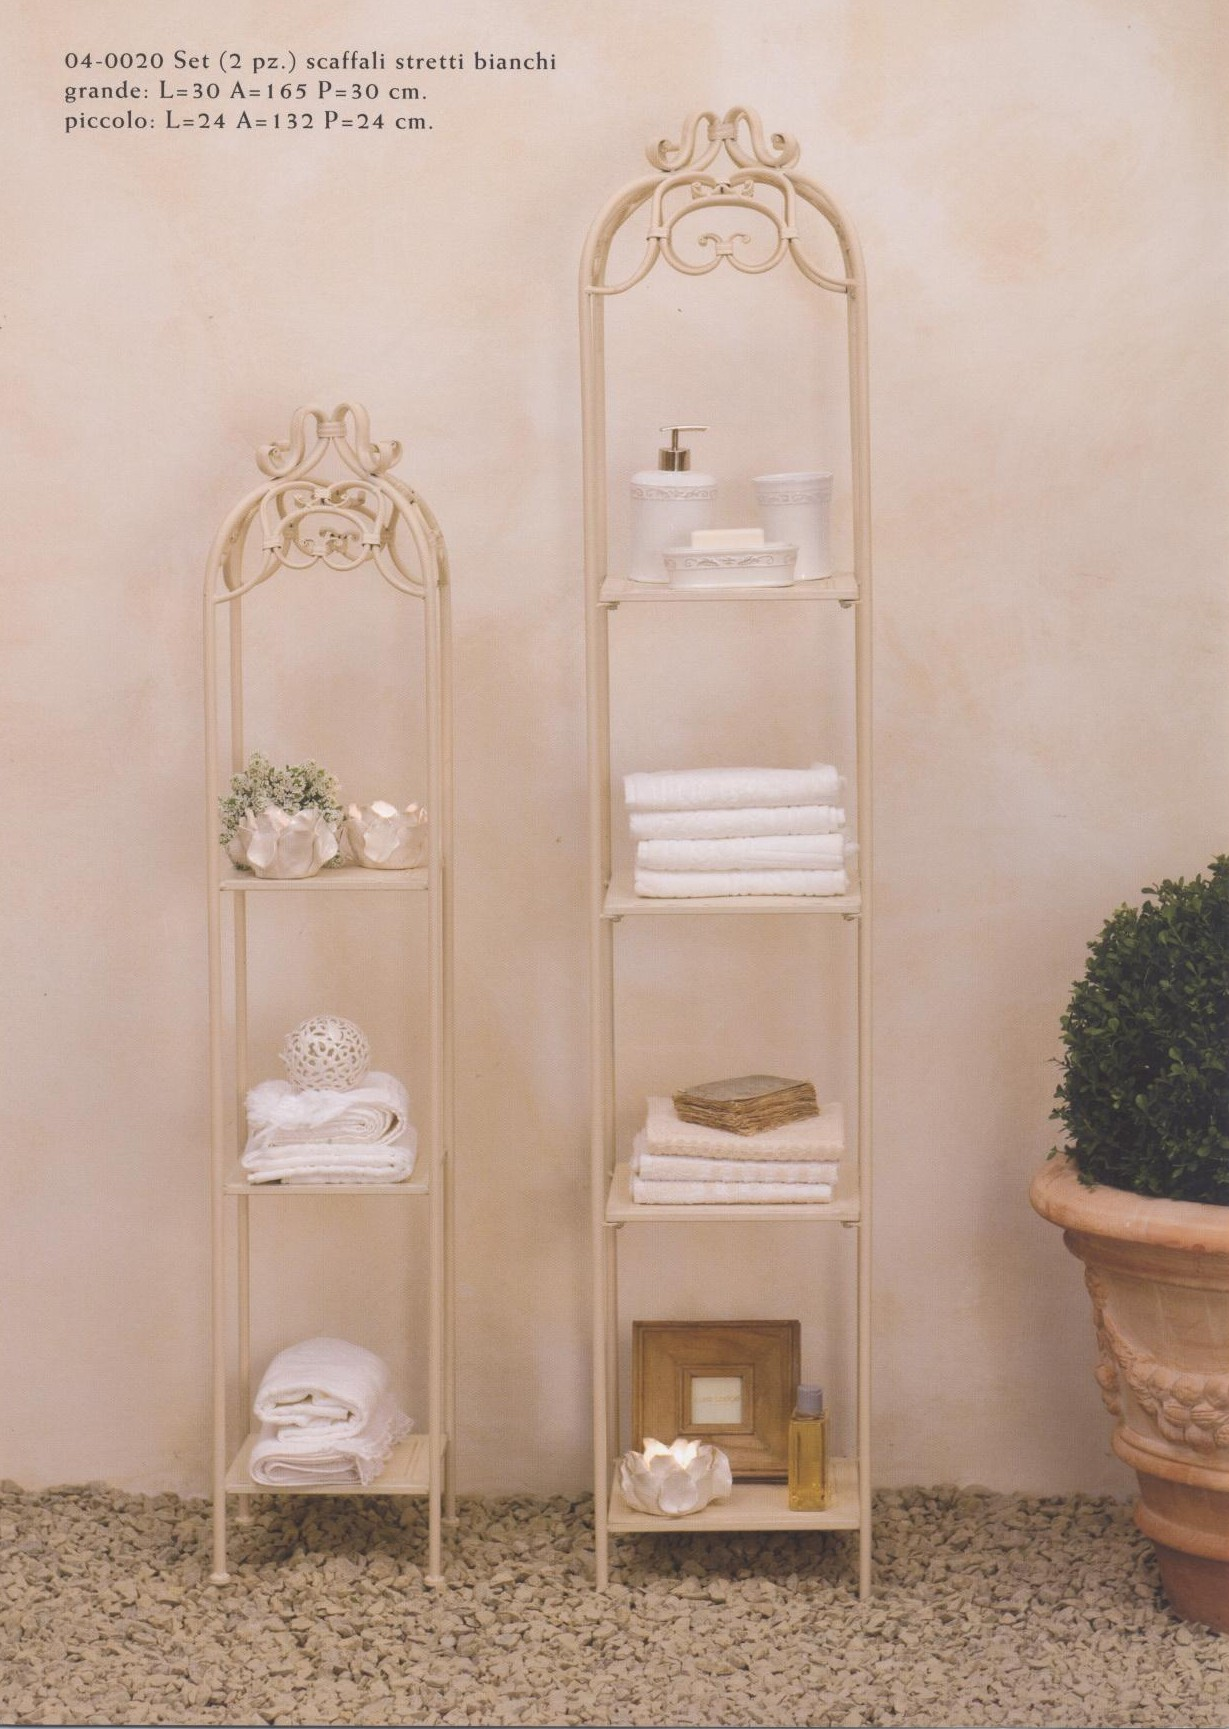 Mobiletti e accessori bagno in ferro battuto hancock for Accessori per bagno